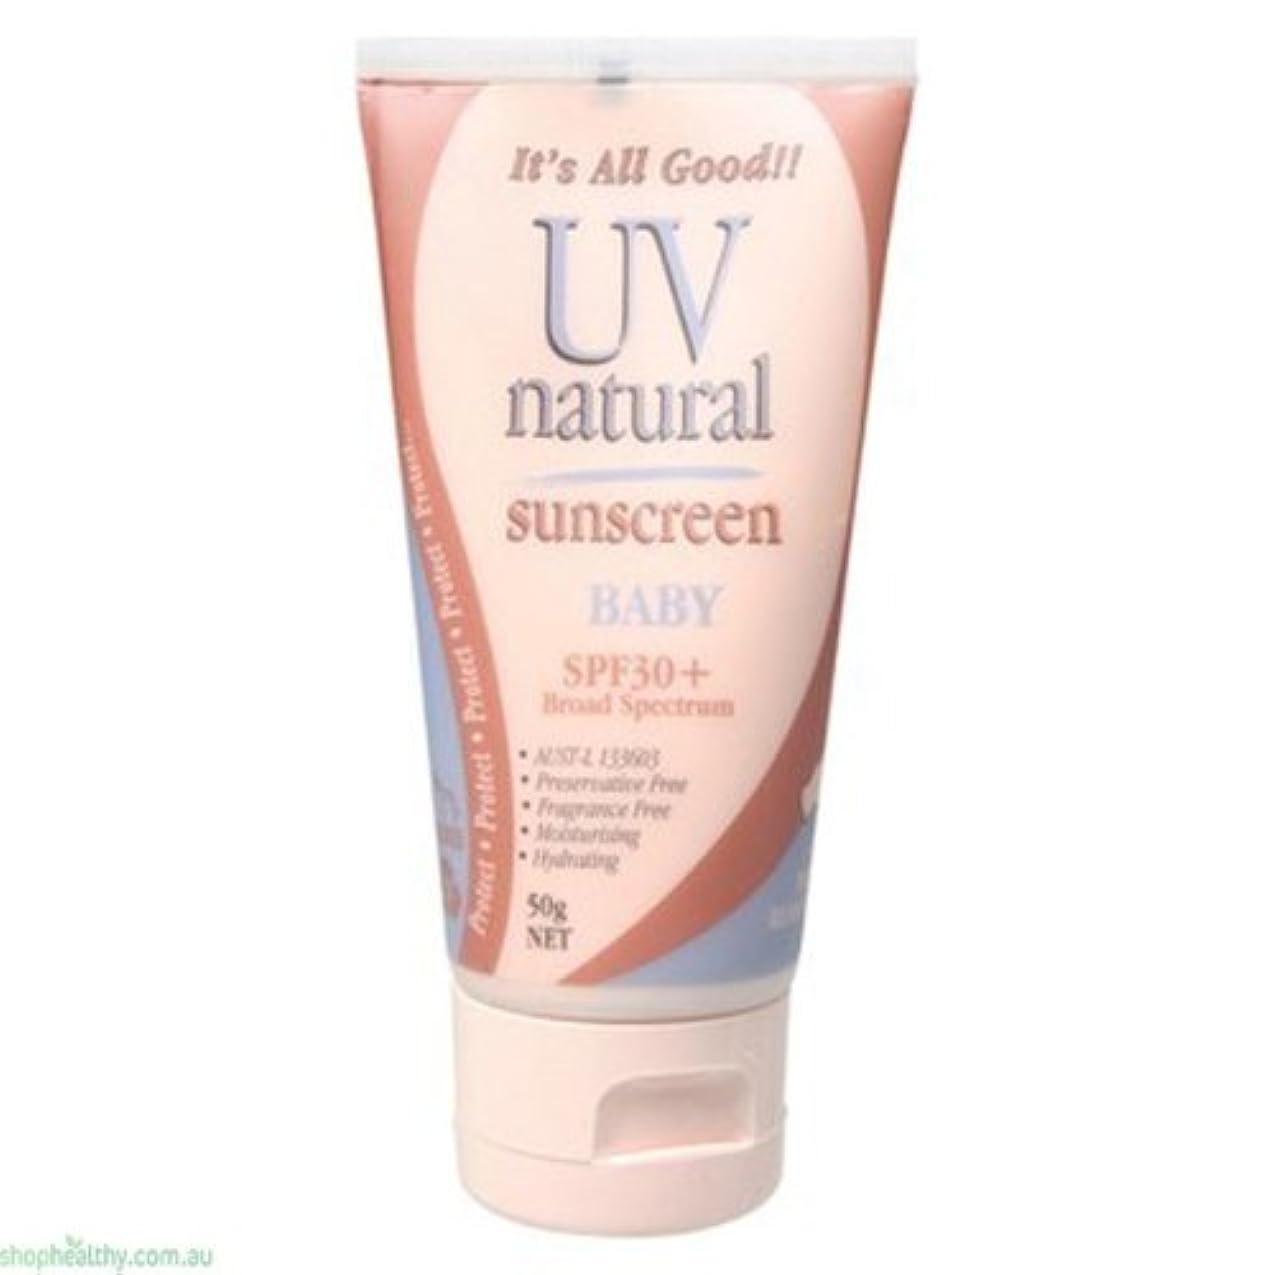 直径縮約鹿【UV NATURAL】Baby 日焼け止め Natural SPF30+ 50g 3本セット